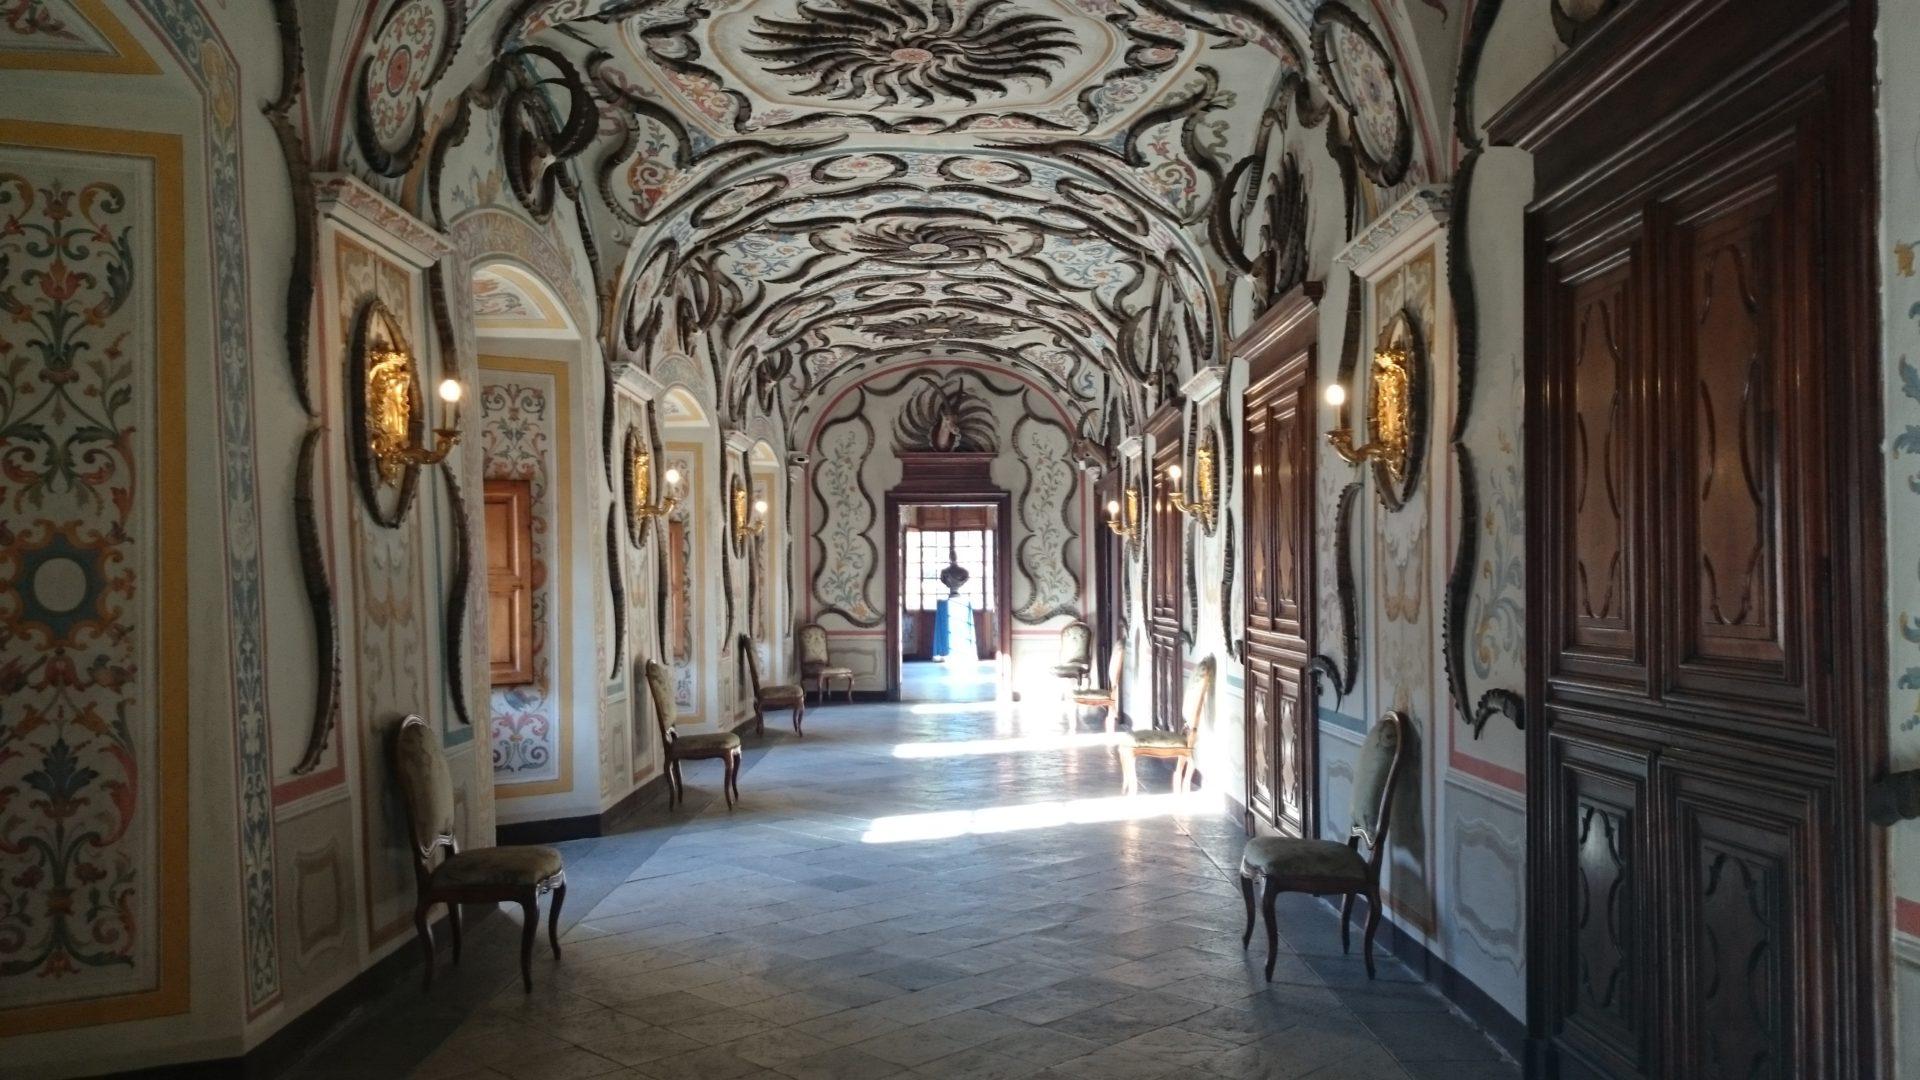 visitare castello reale di sarre aosta trofei corna